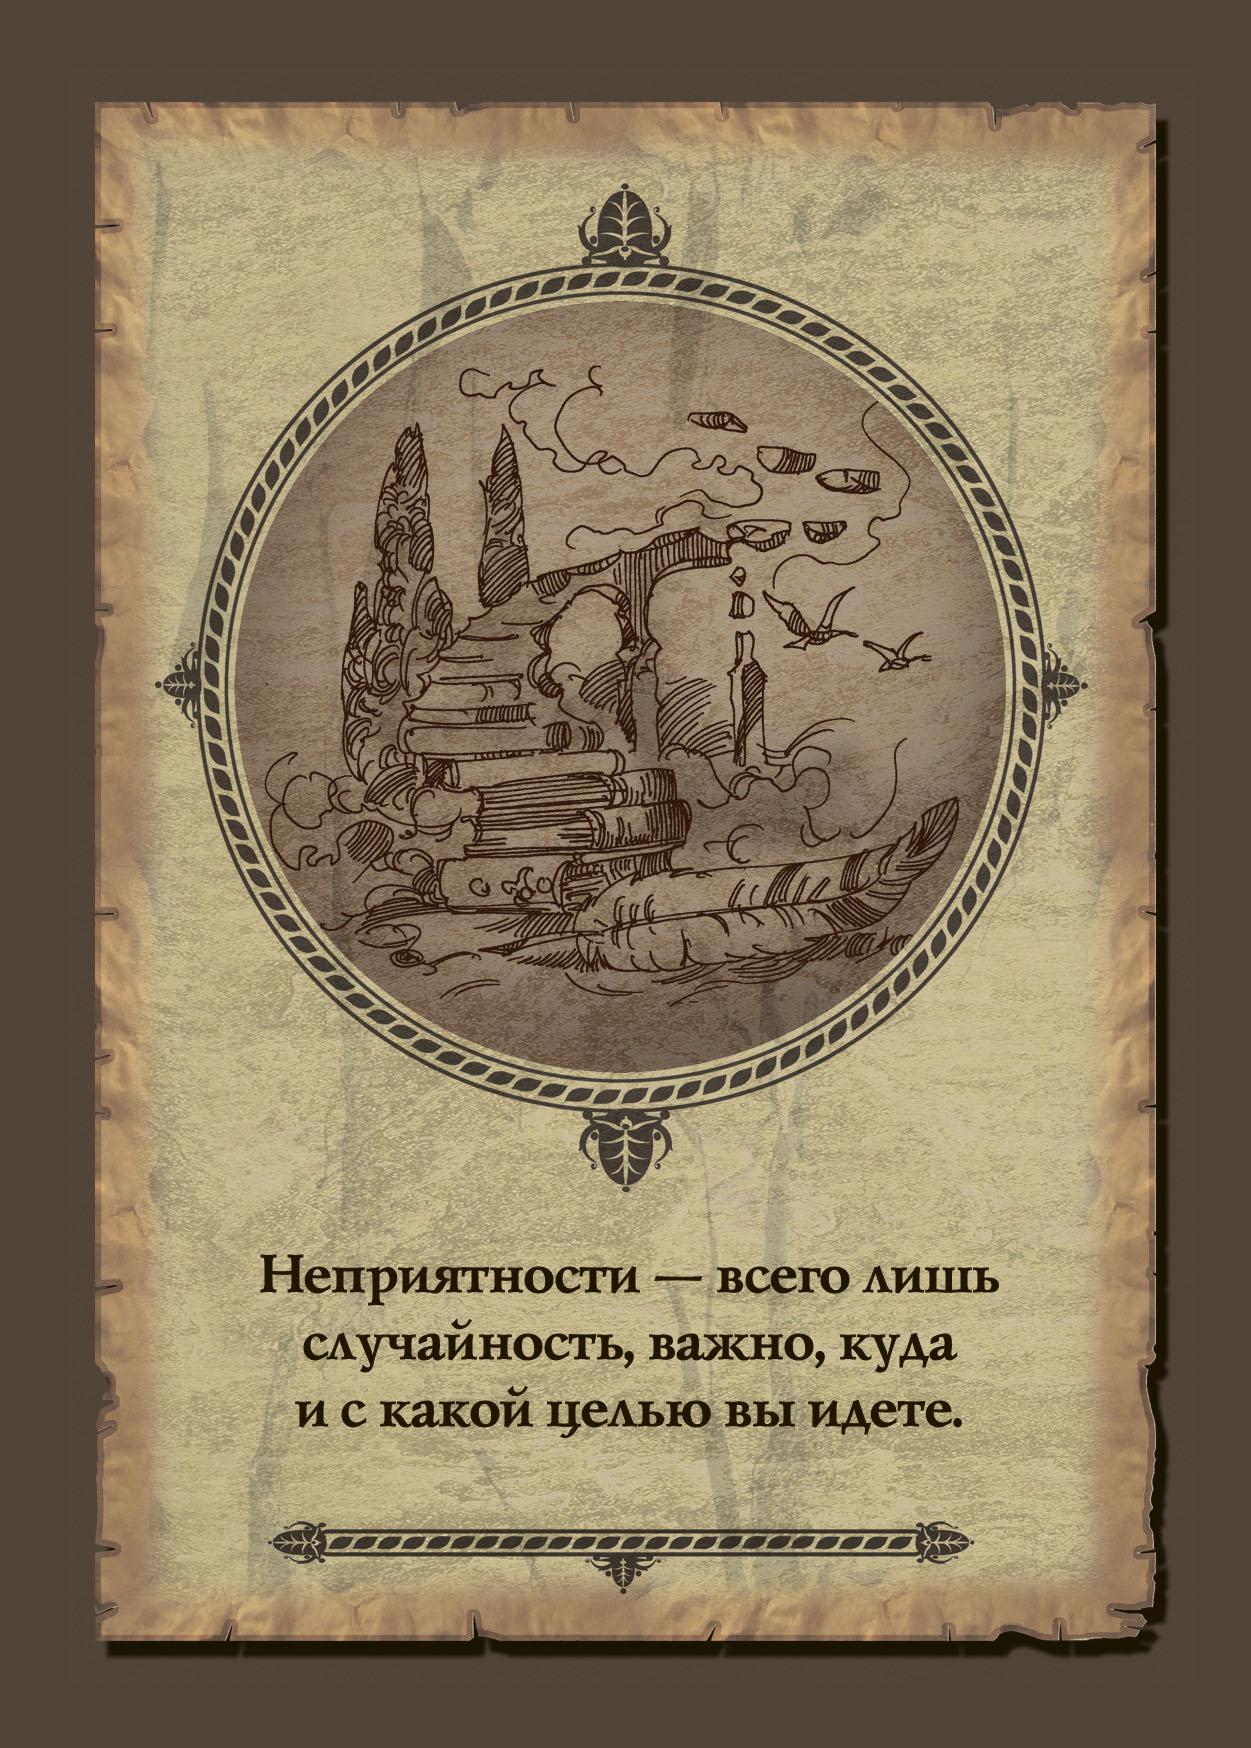 Васильева открытки с притчами все грани гармонии, класс открытки